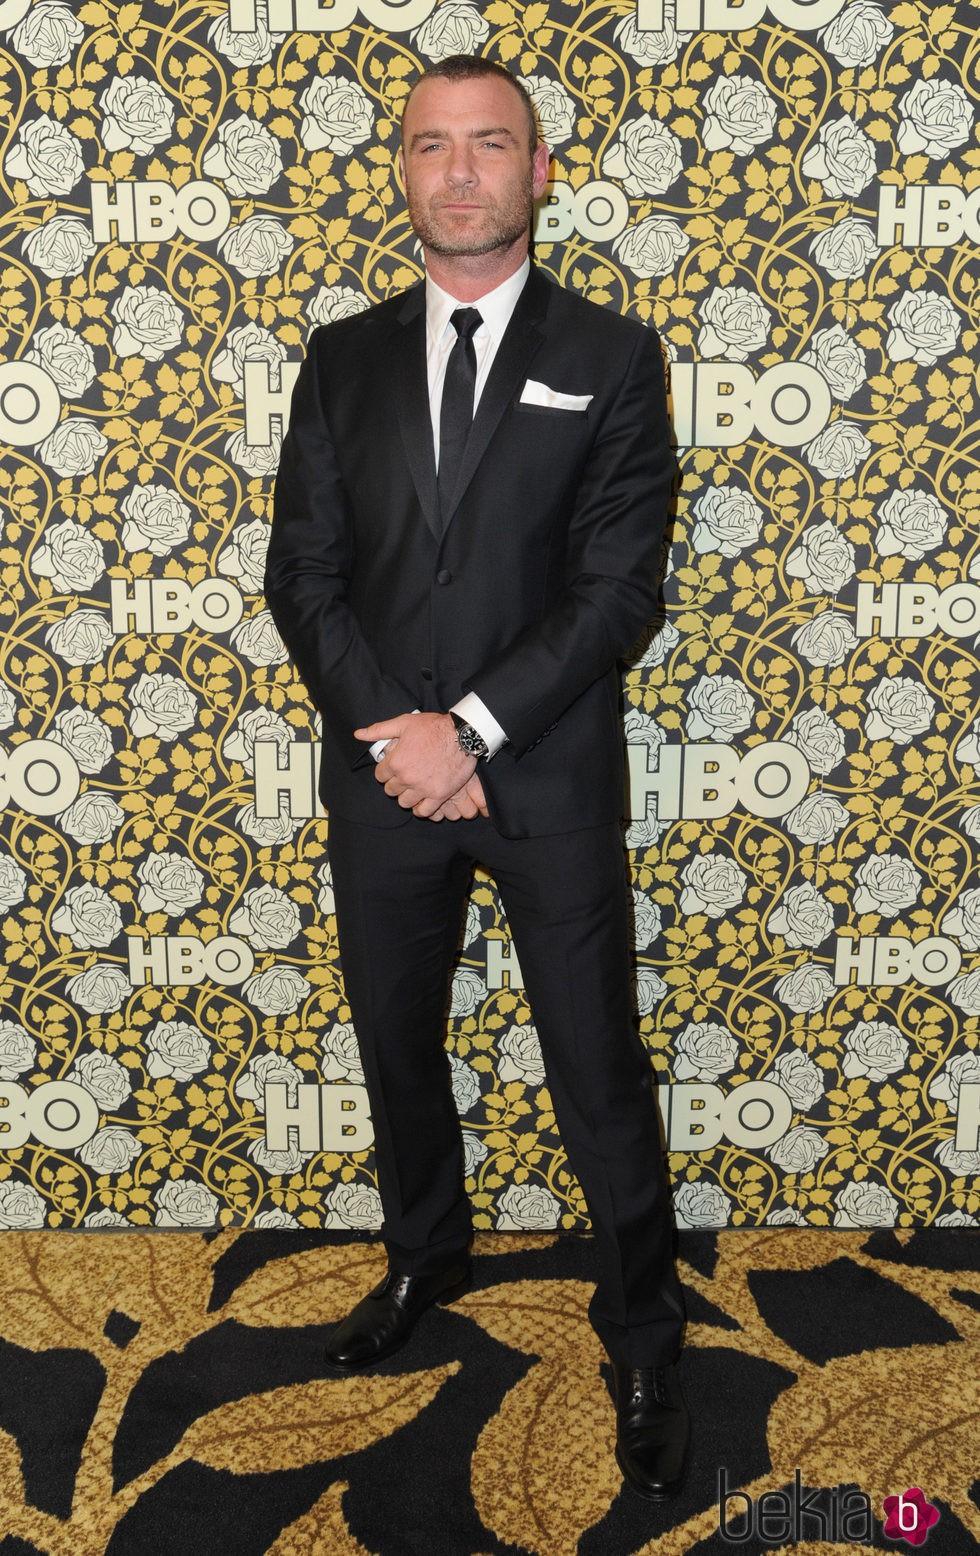 Liev Schreiber en la fiesta de HBO tras la entrega de los Globos de Oro 2016